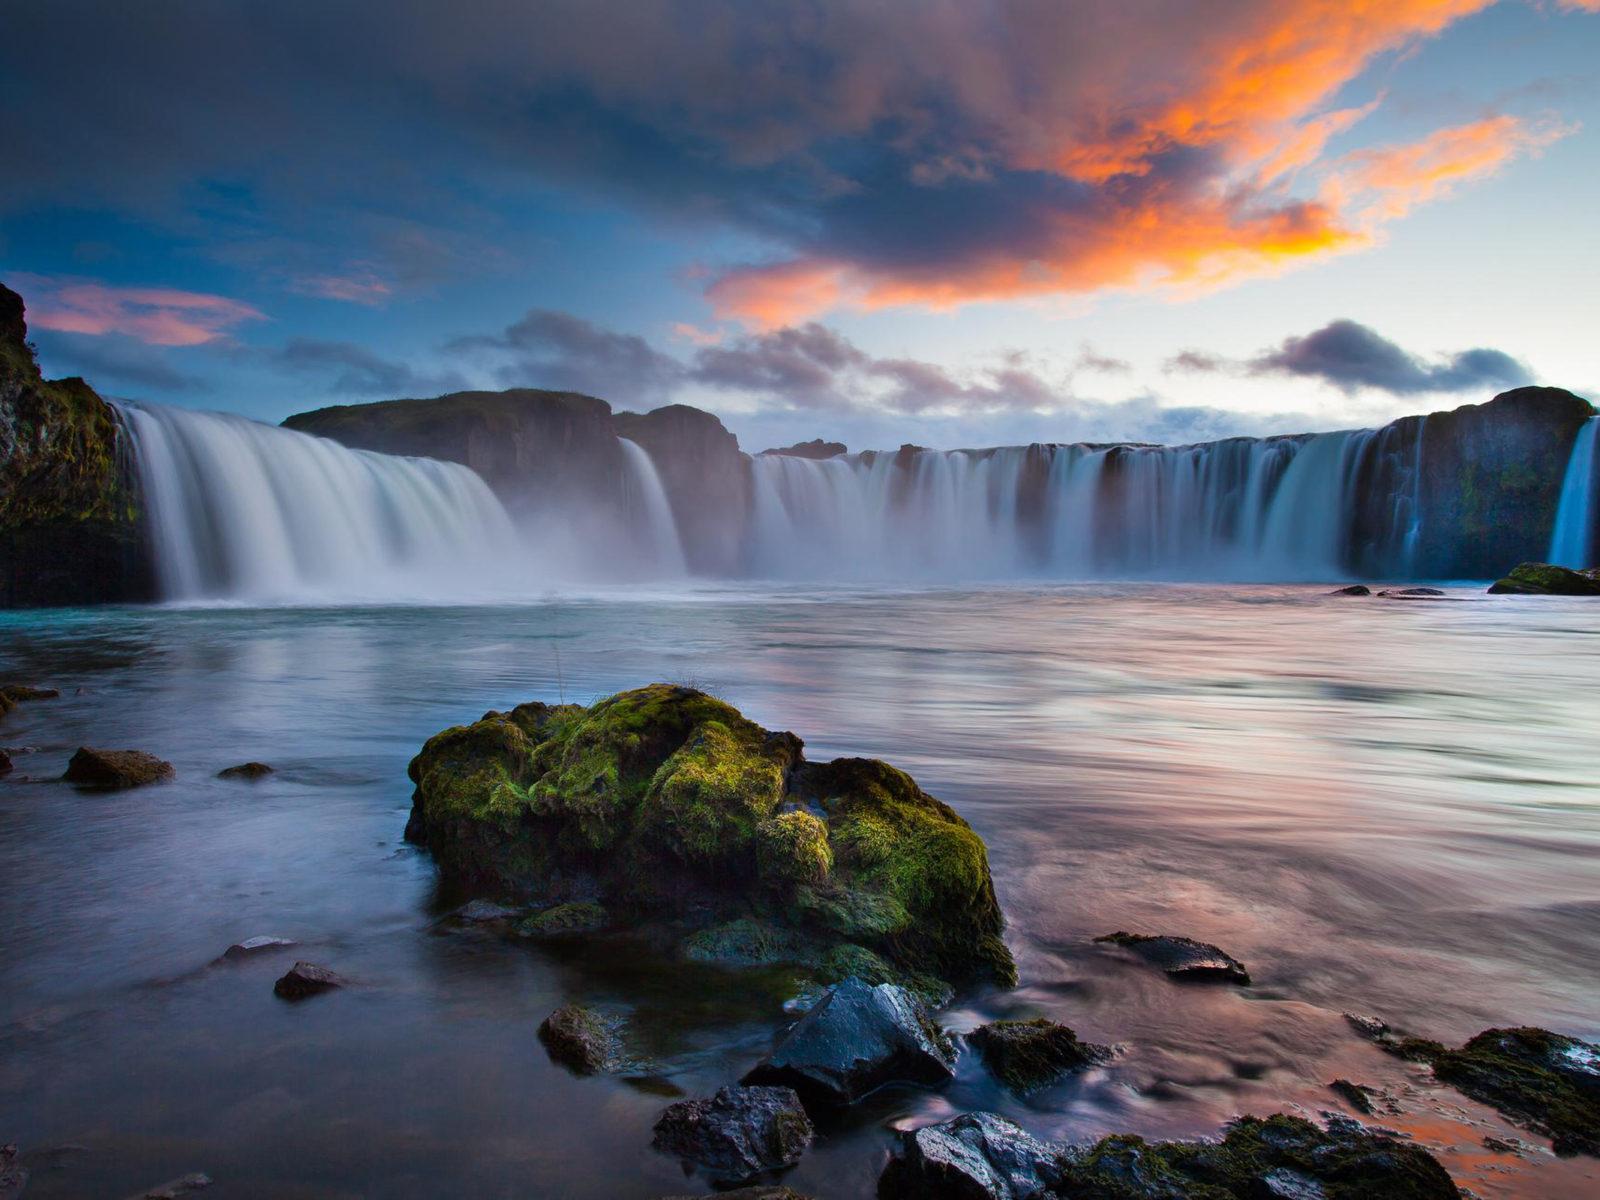 Beautiful Landscape Wallpaper Hd Resolution Waterfalls In